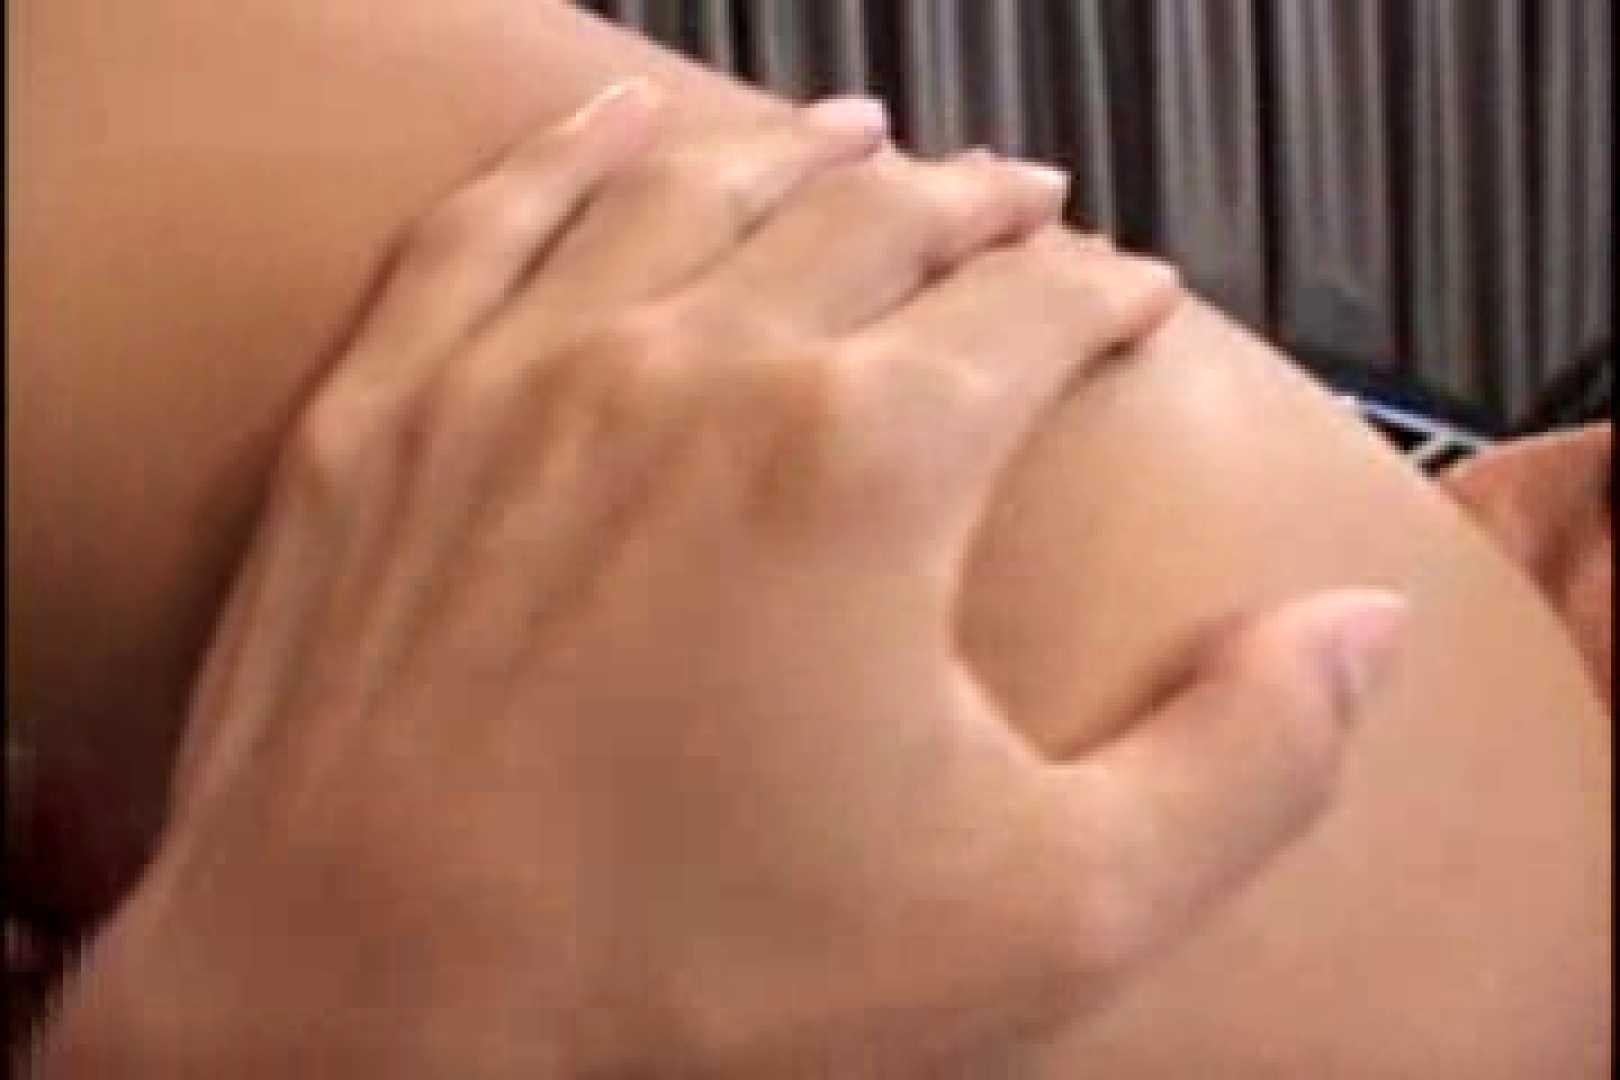 大集合!!カッコ可愛いメンズの一穴入根!! vol.06 ゲイのシックスナイン | アナル舐め舐め ゲイヌード画像 87pic 21